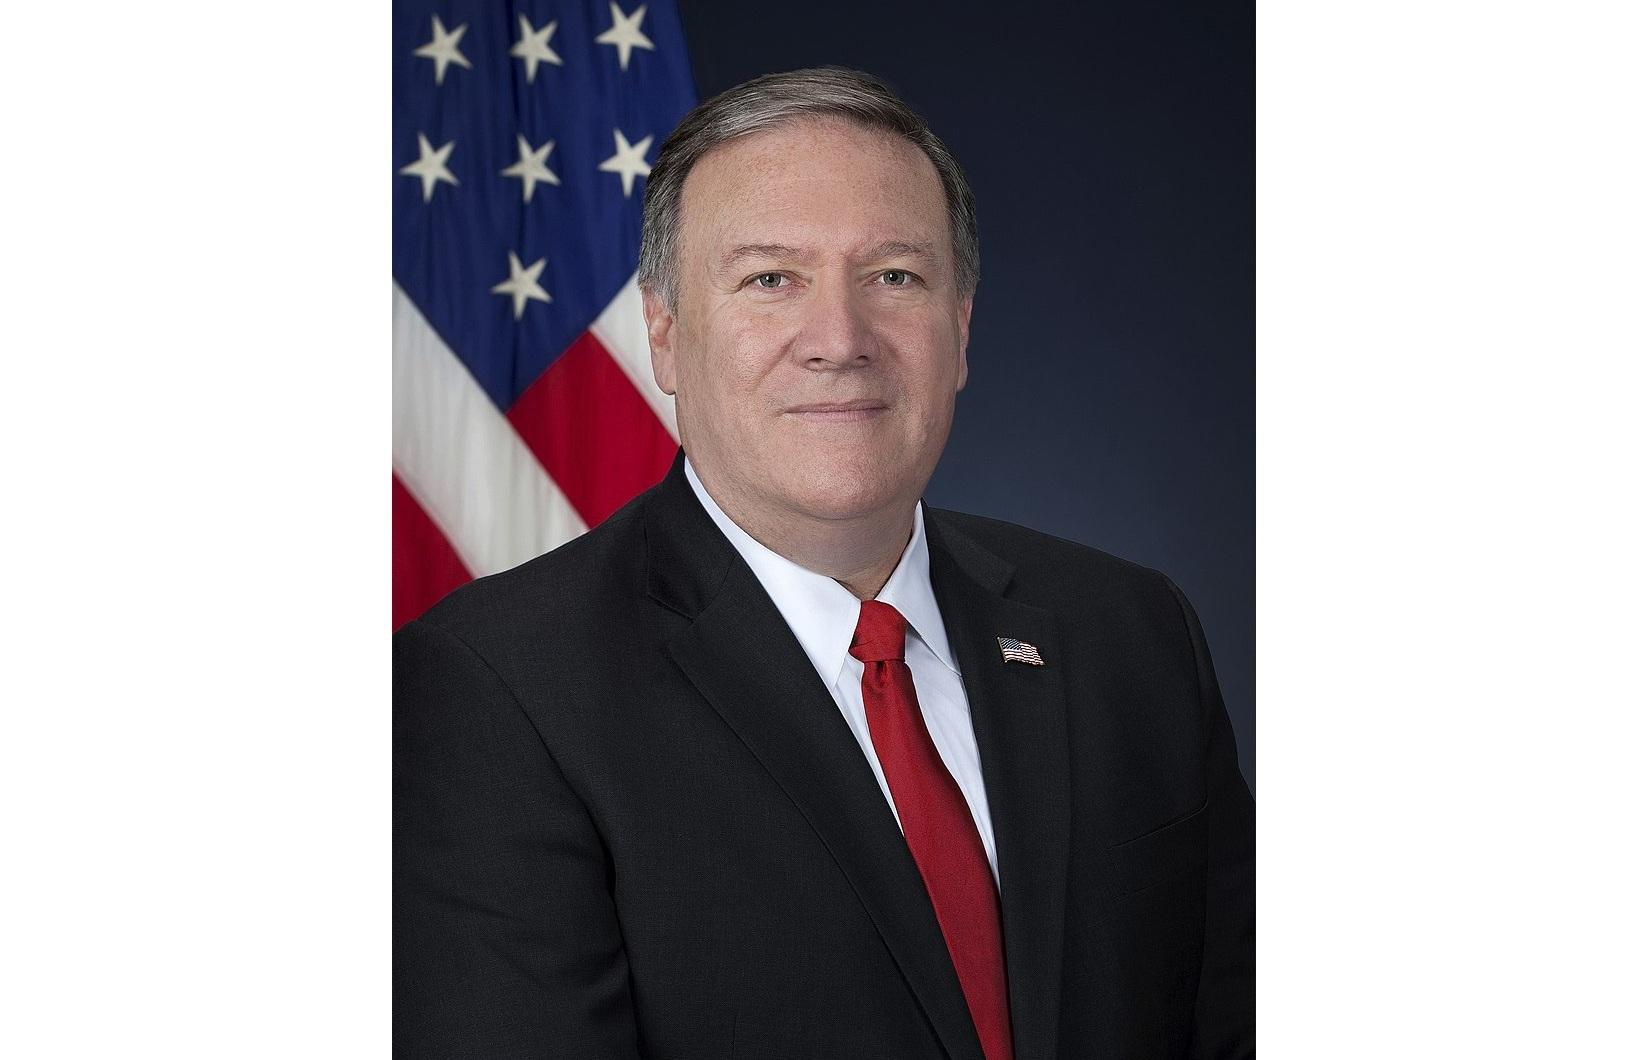 美国务卿蓬佩奥将实施《西藏旅行互惠法》制裁中共官员